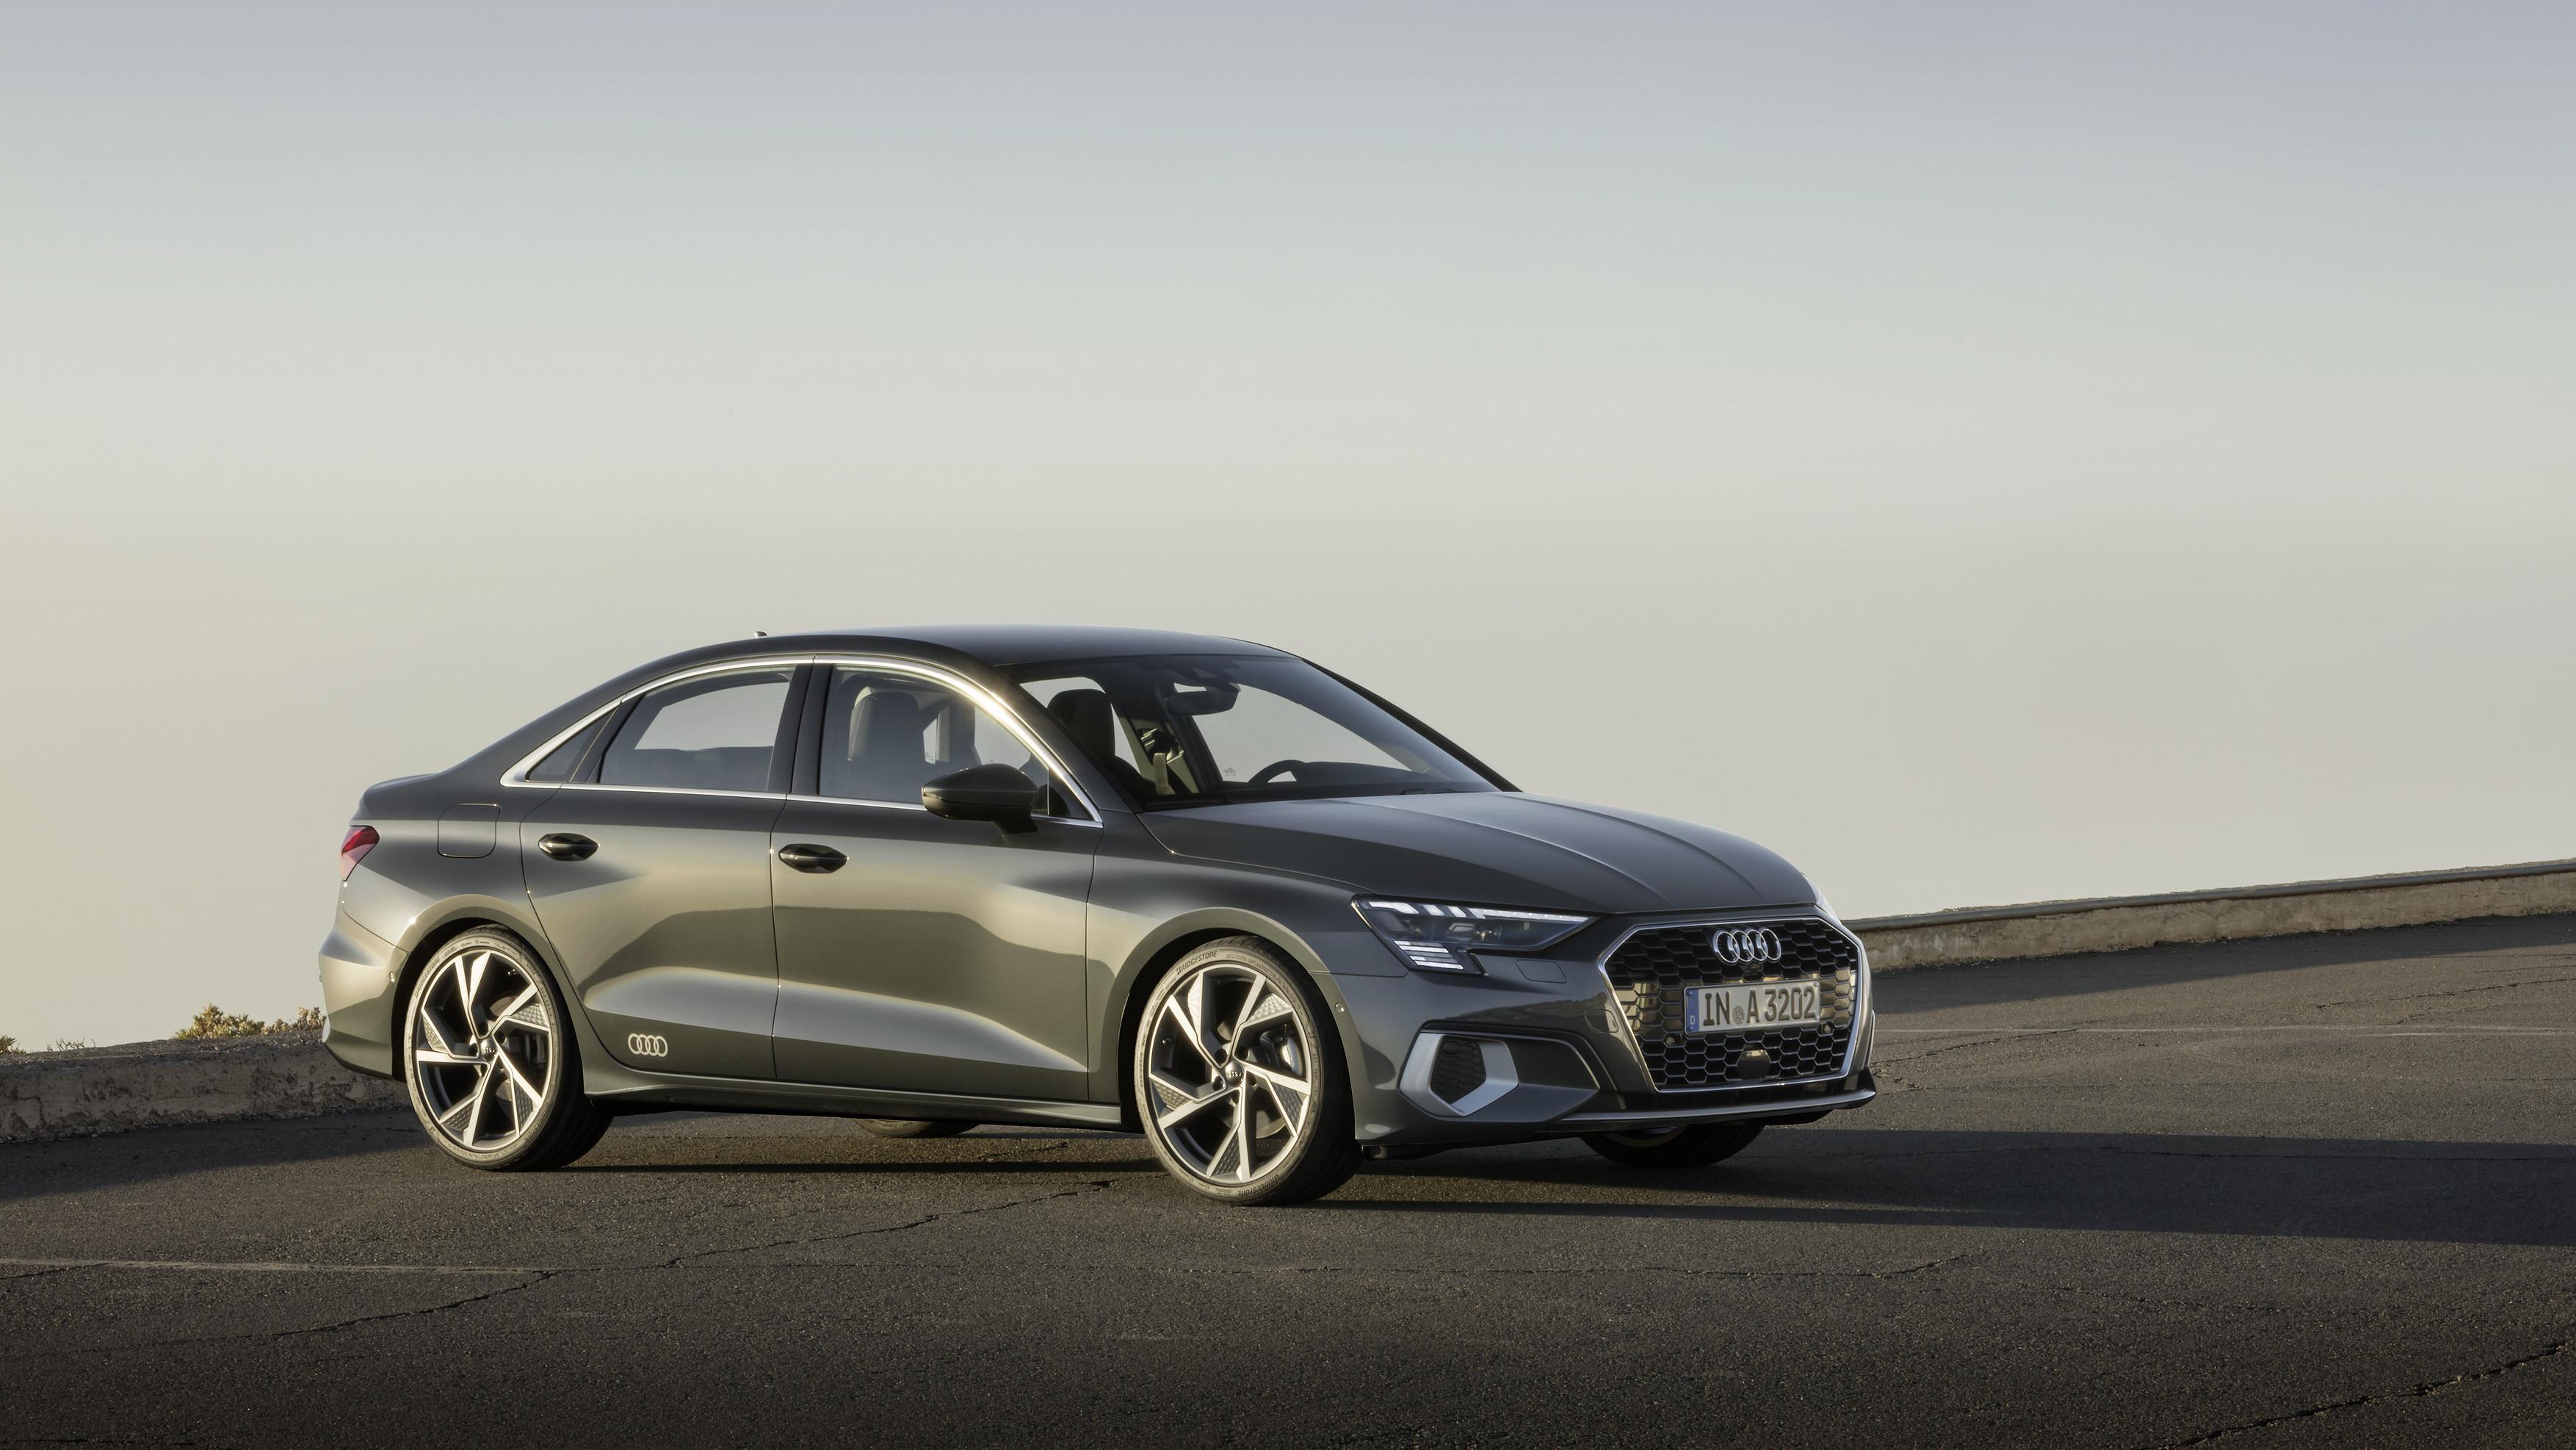 Novo Audi A3 Limousine apresenta-se com linhas renovadas e tecnologia mild hybrid